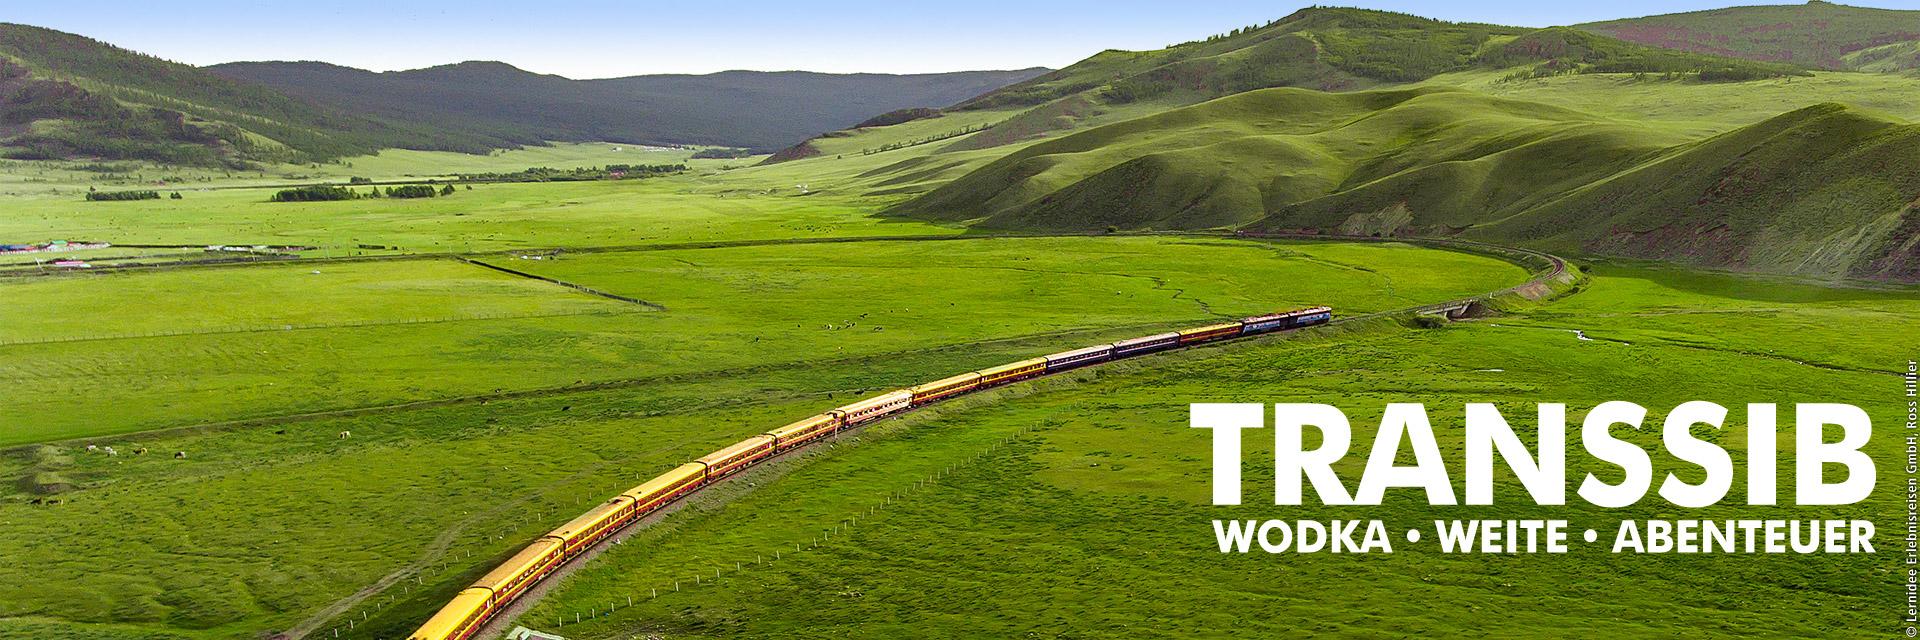 TRANSSIB – Wodka • Weite • Abenteuer